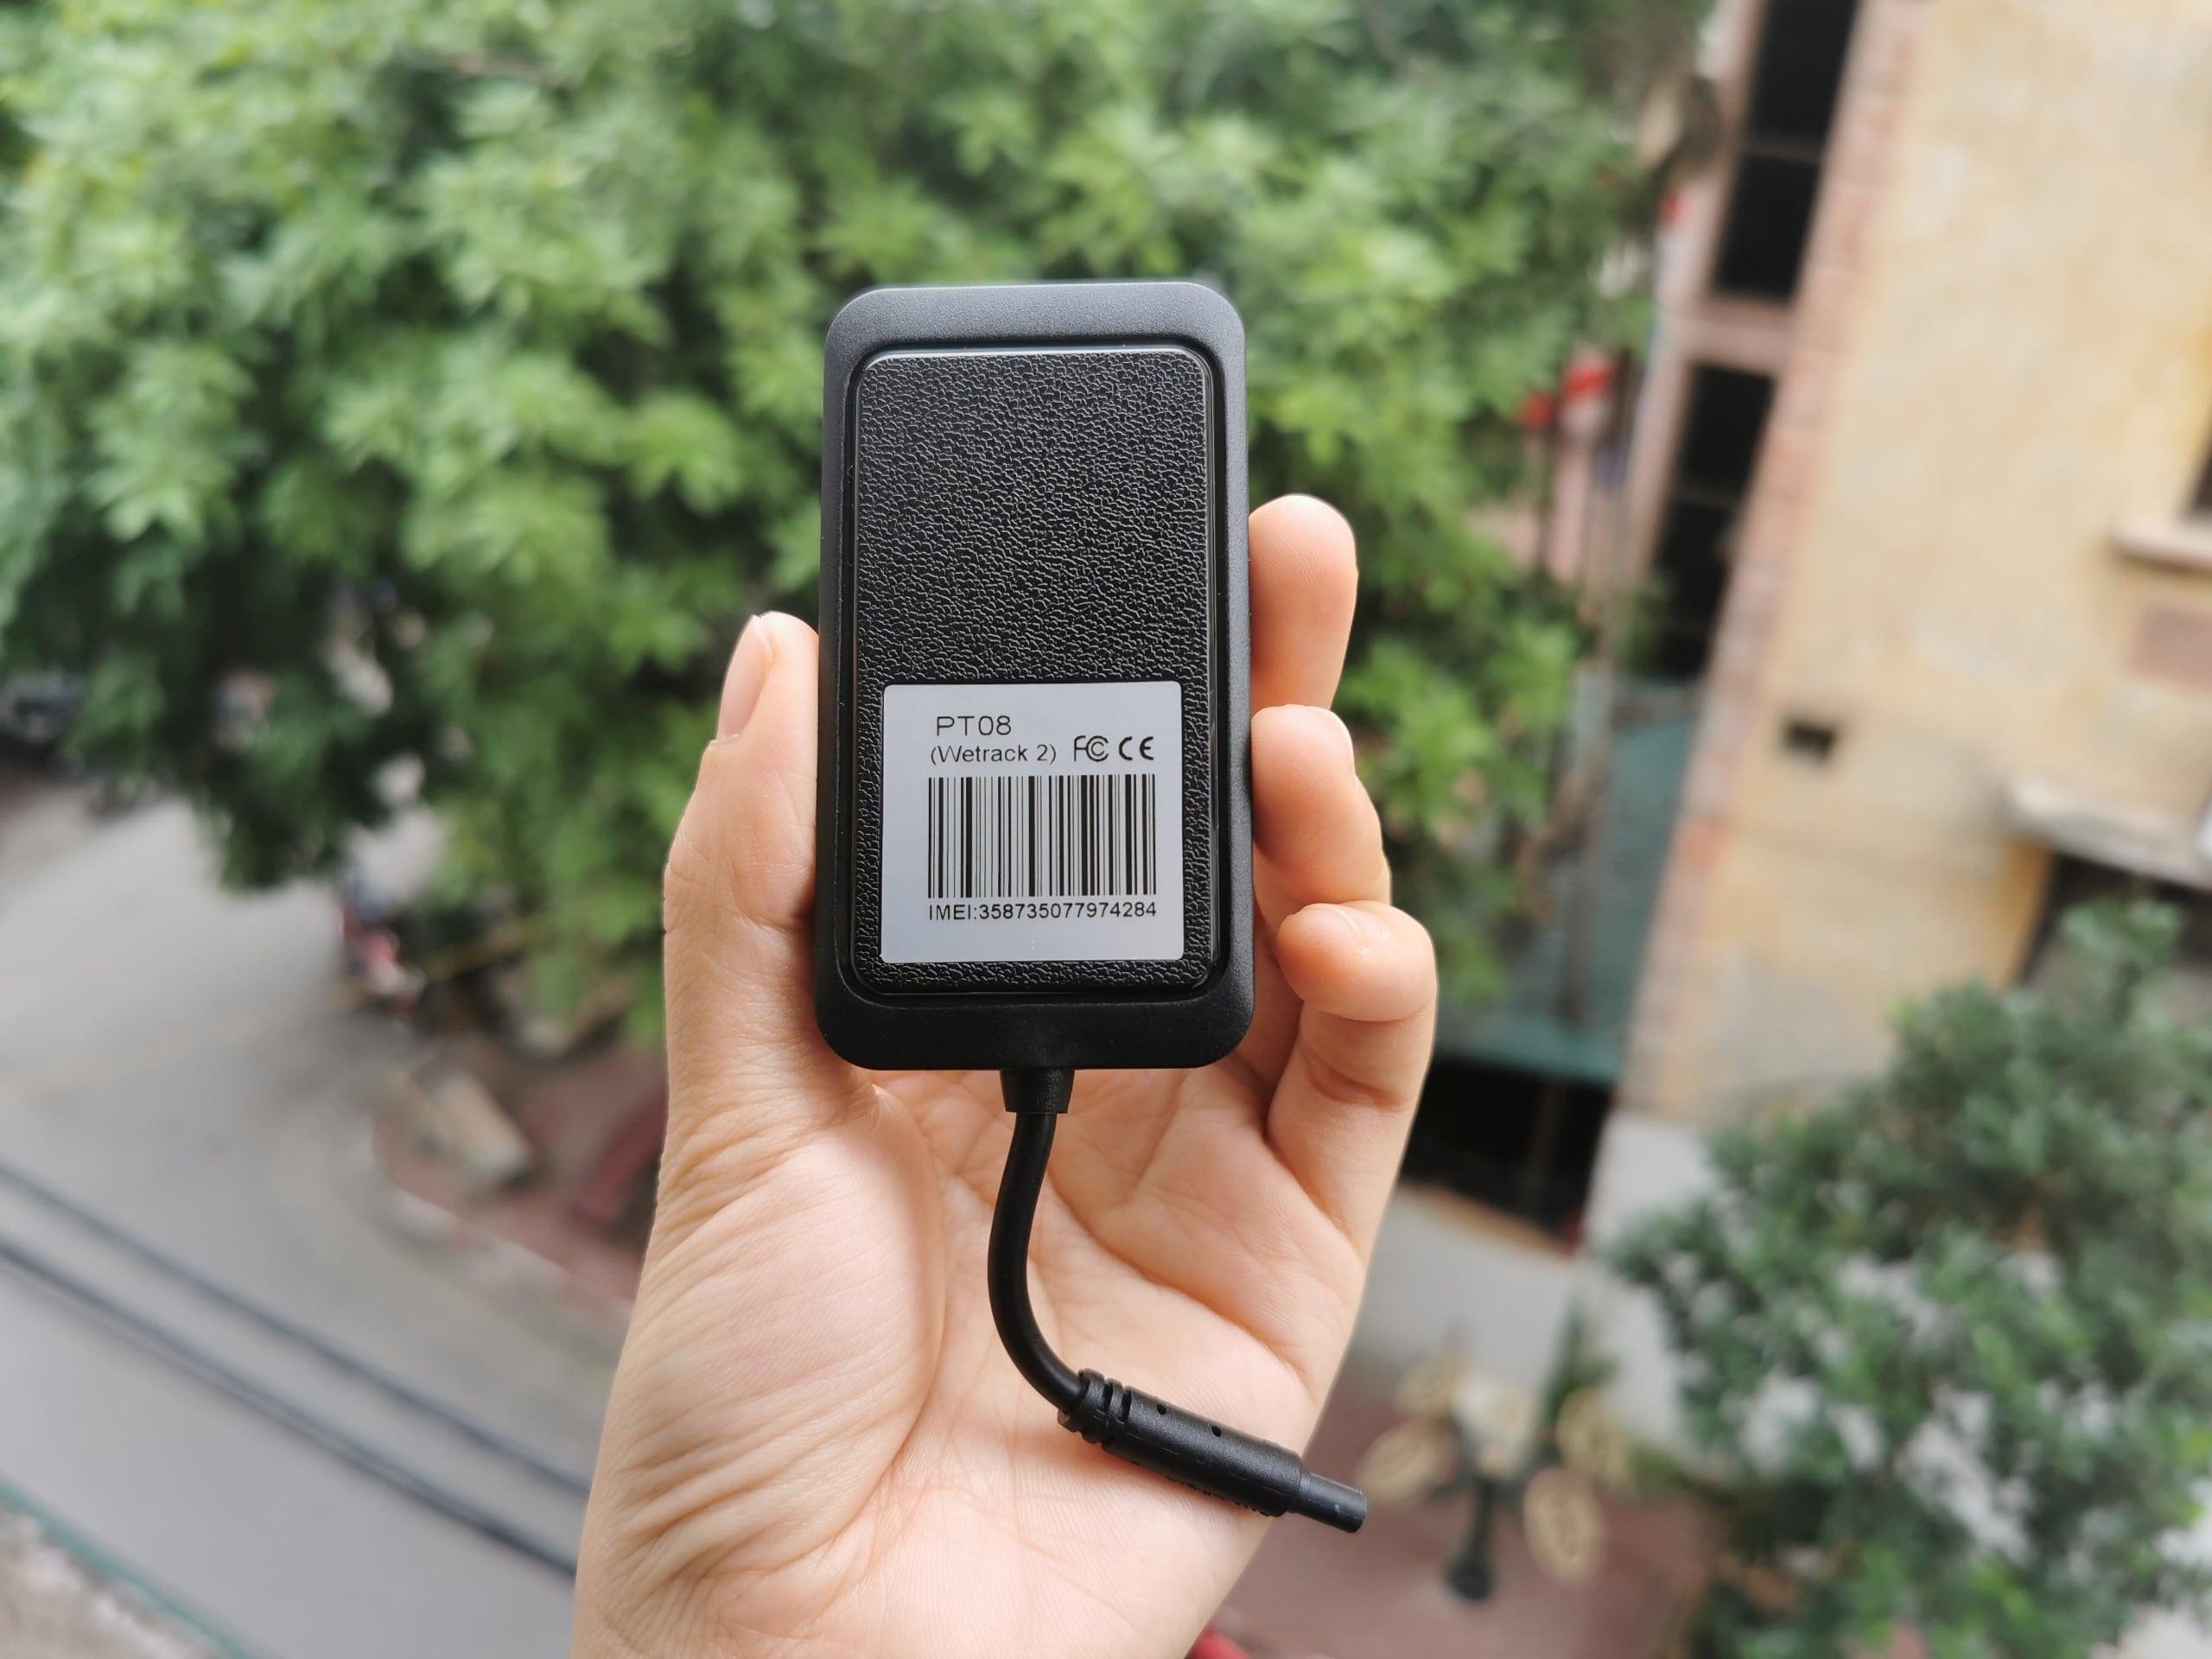 thiết bị định vị ô tô giá rẻ pt08 - wetrack 2